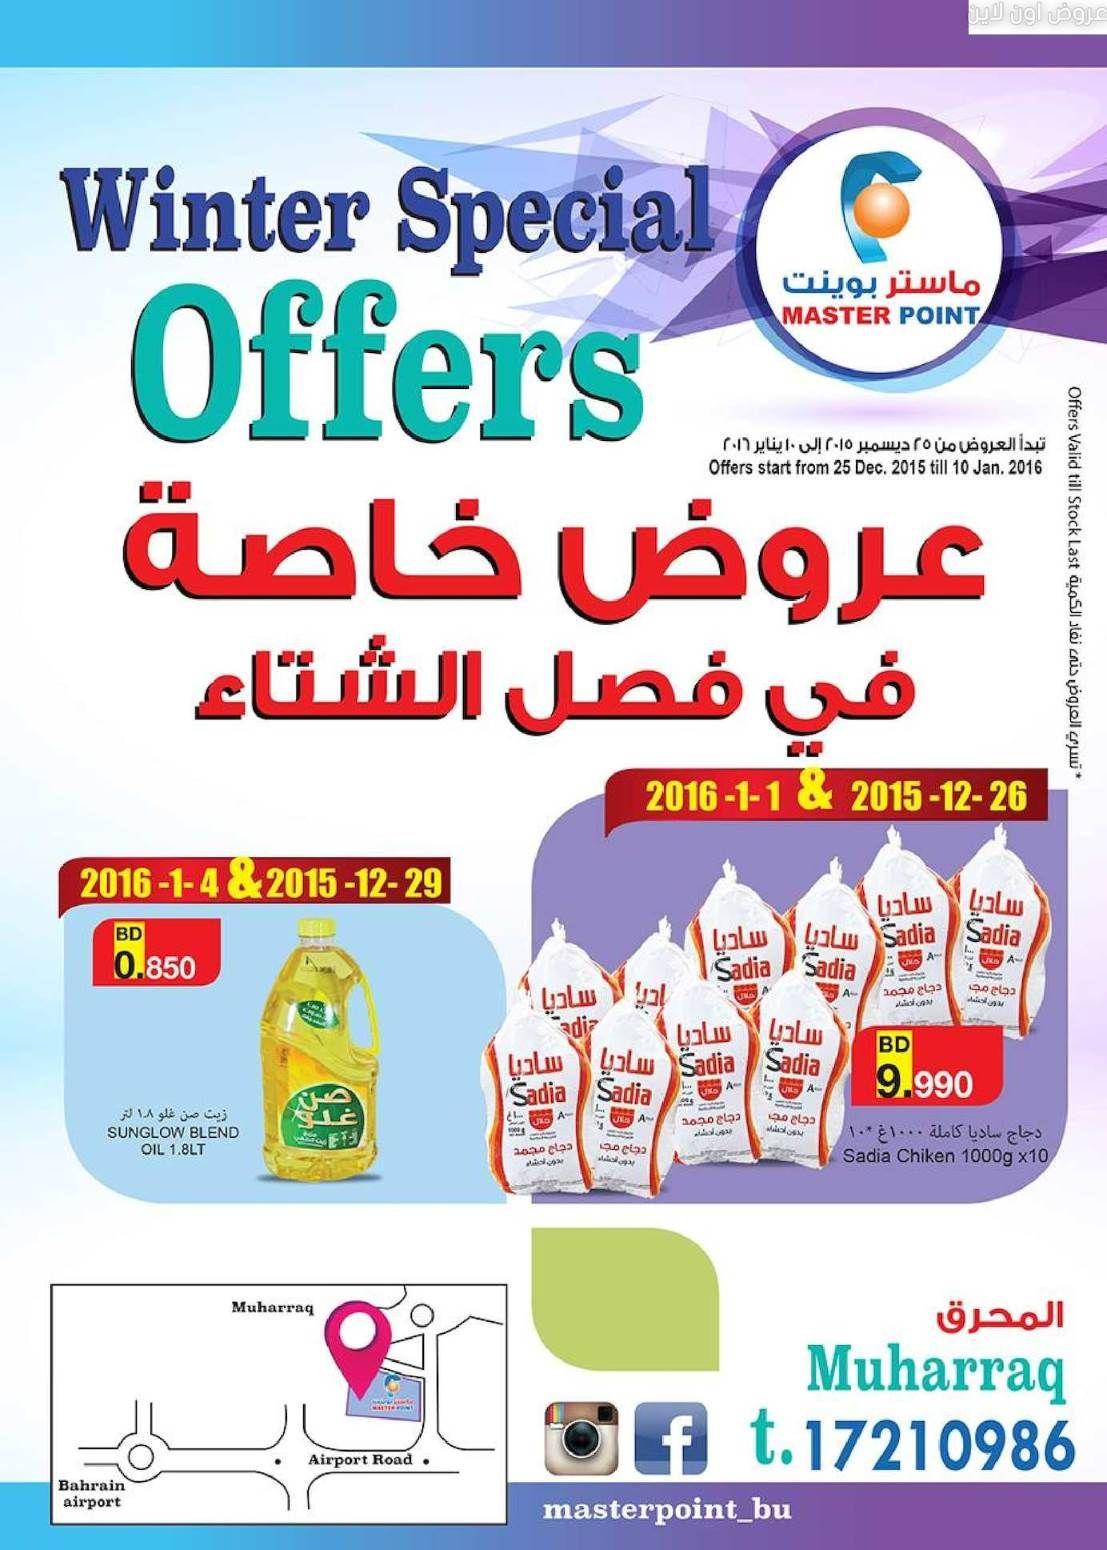 ماستر بوينت البحرين عروض 25 ديسمبر 2015 حتى 10 يناير 2016 عروض الشتاء Cereal Pops Pops Cereal Box Cereal Box